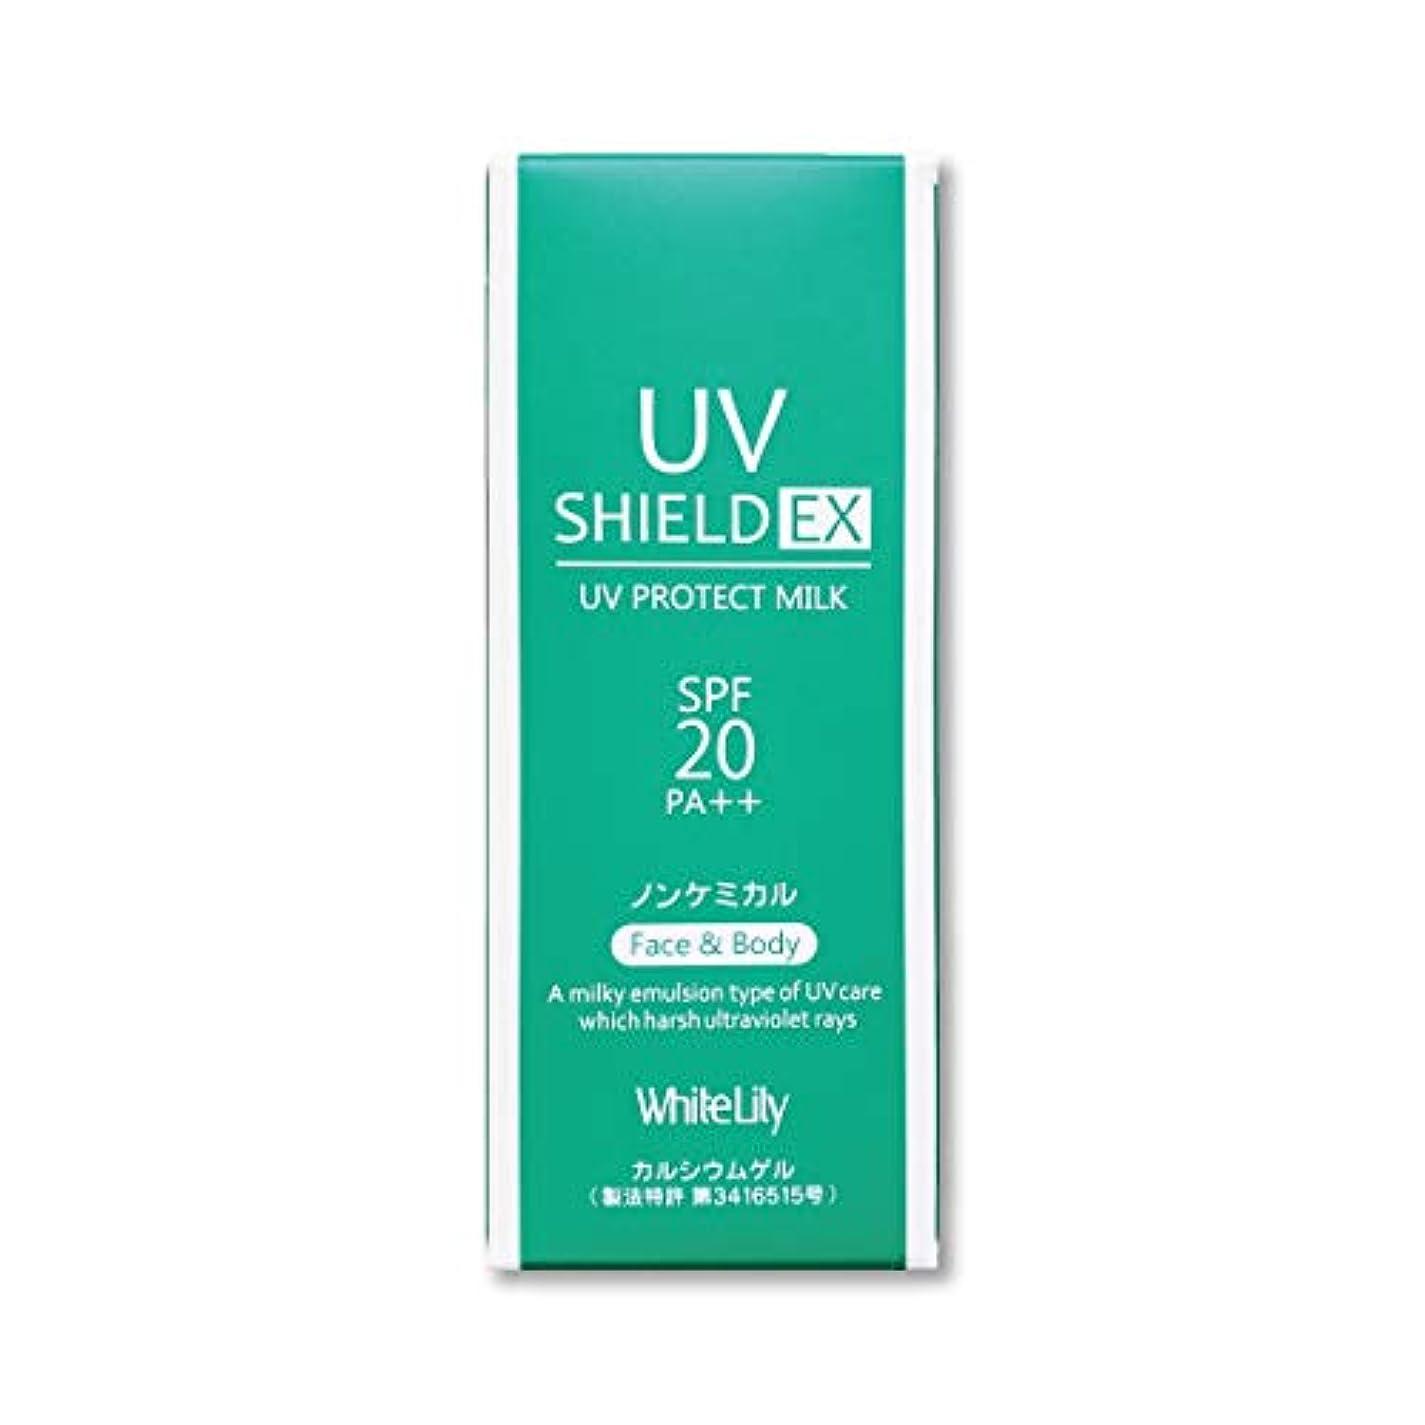 ケープ息苦しい見捨てるホワイトリリー UVシールド EX 敏感肌用日焼け止め乳液 SPF20 PA++ 50mL